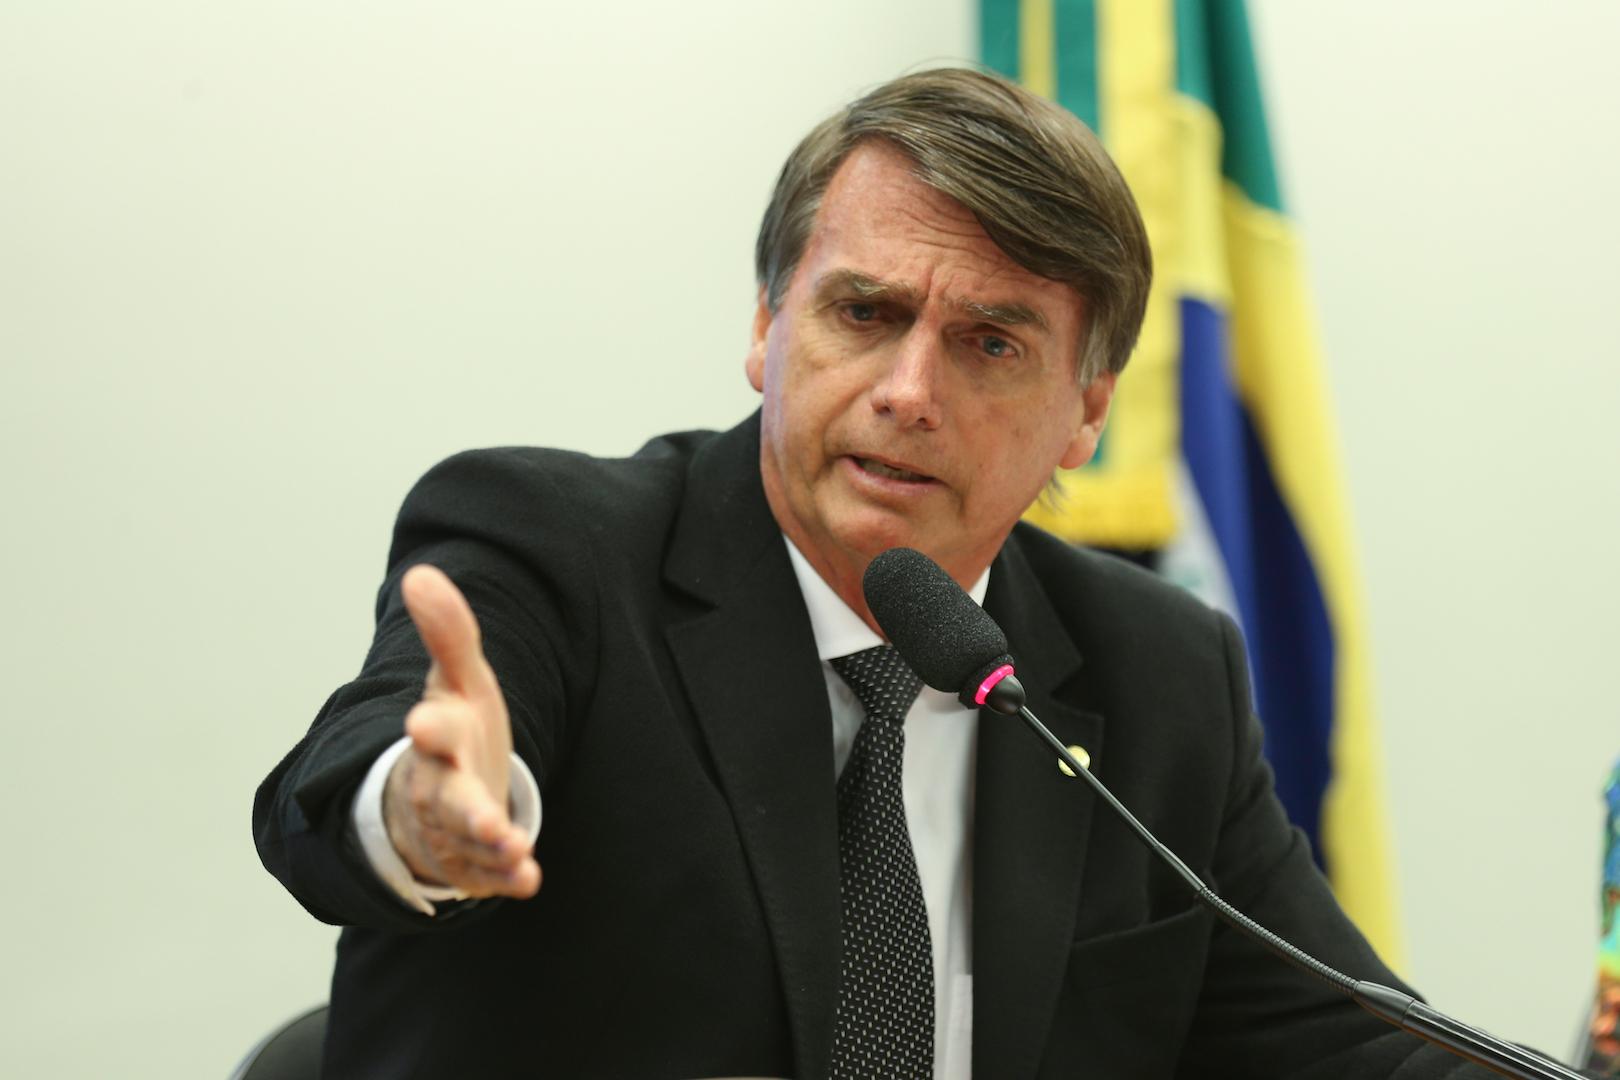 Conselho de Ética rejeita processo contra Jair Bolsonaro